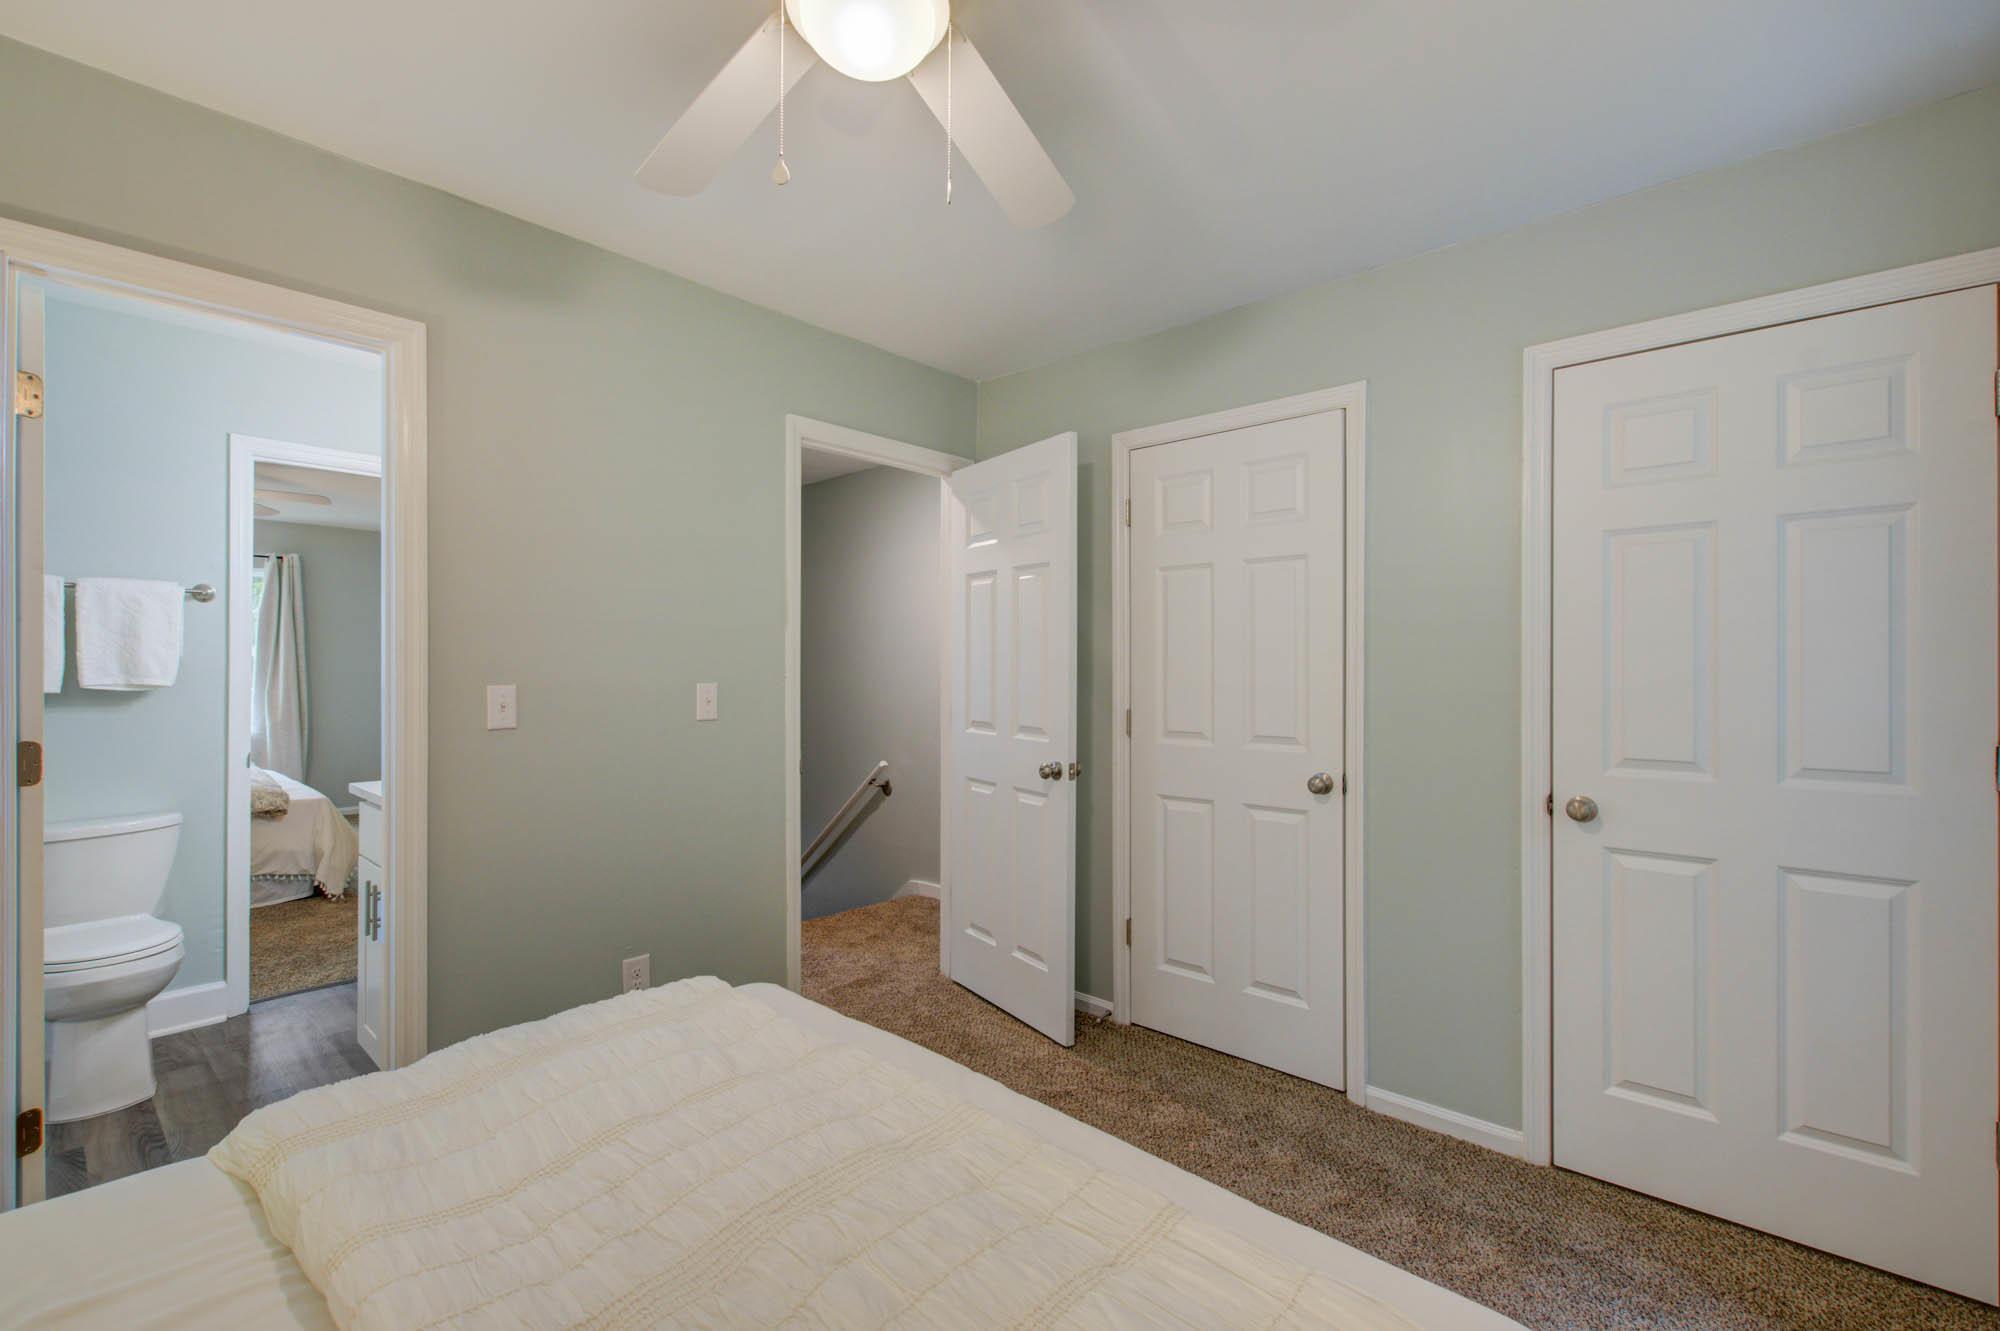 Wando East Homes For Sale - 1534 Nantahala, Mount Pleasant, SC - 7